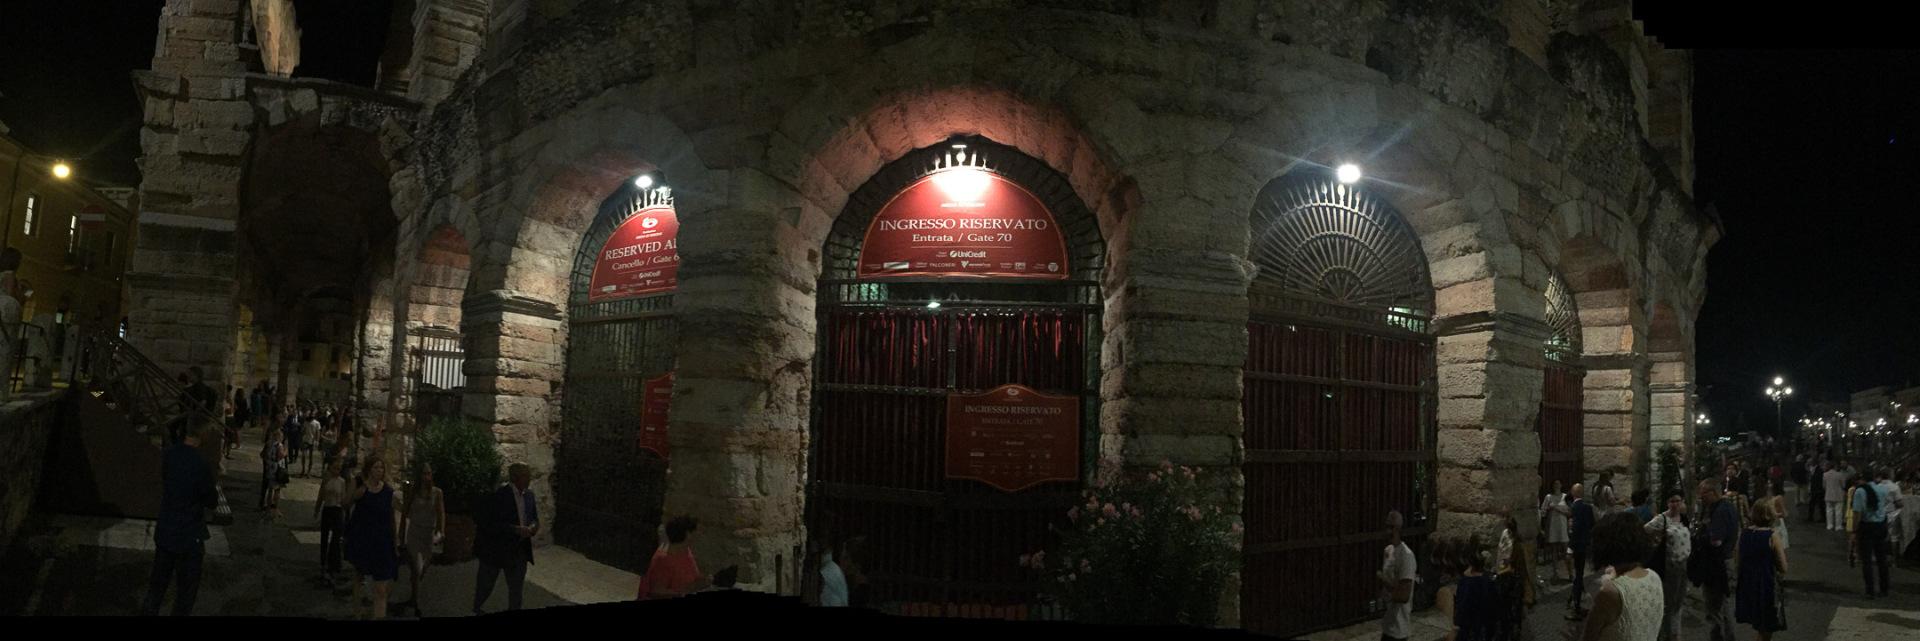 Arena Verona auf außen